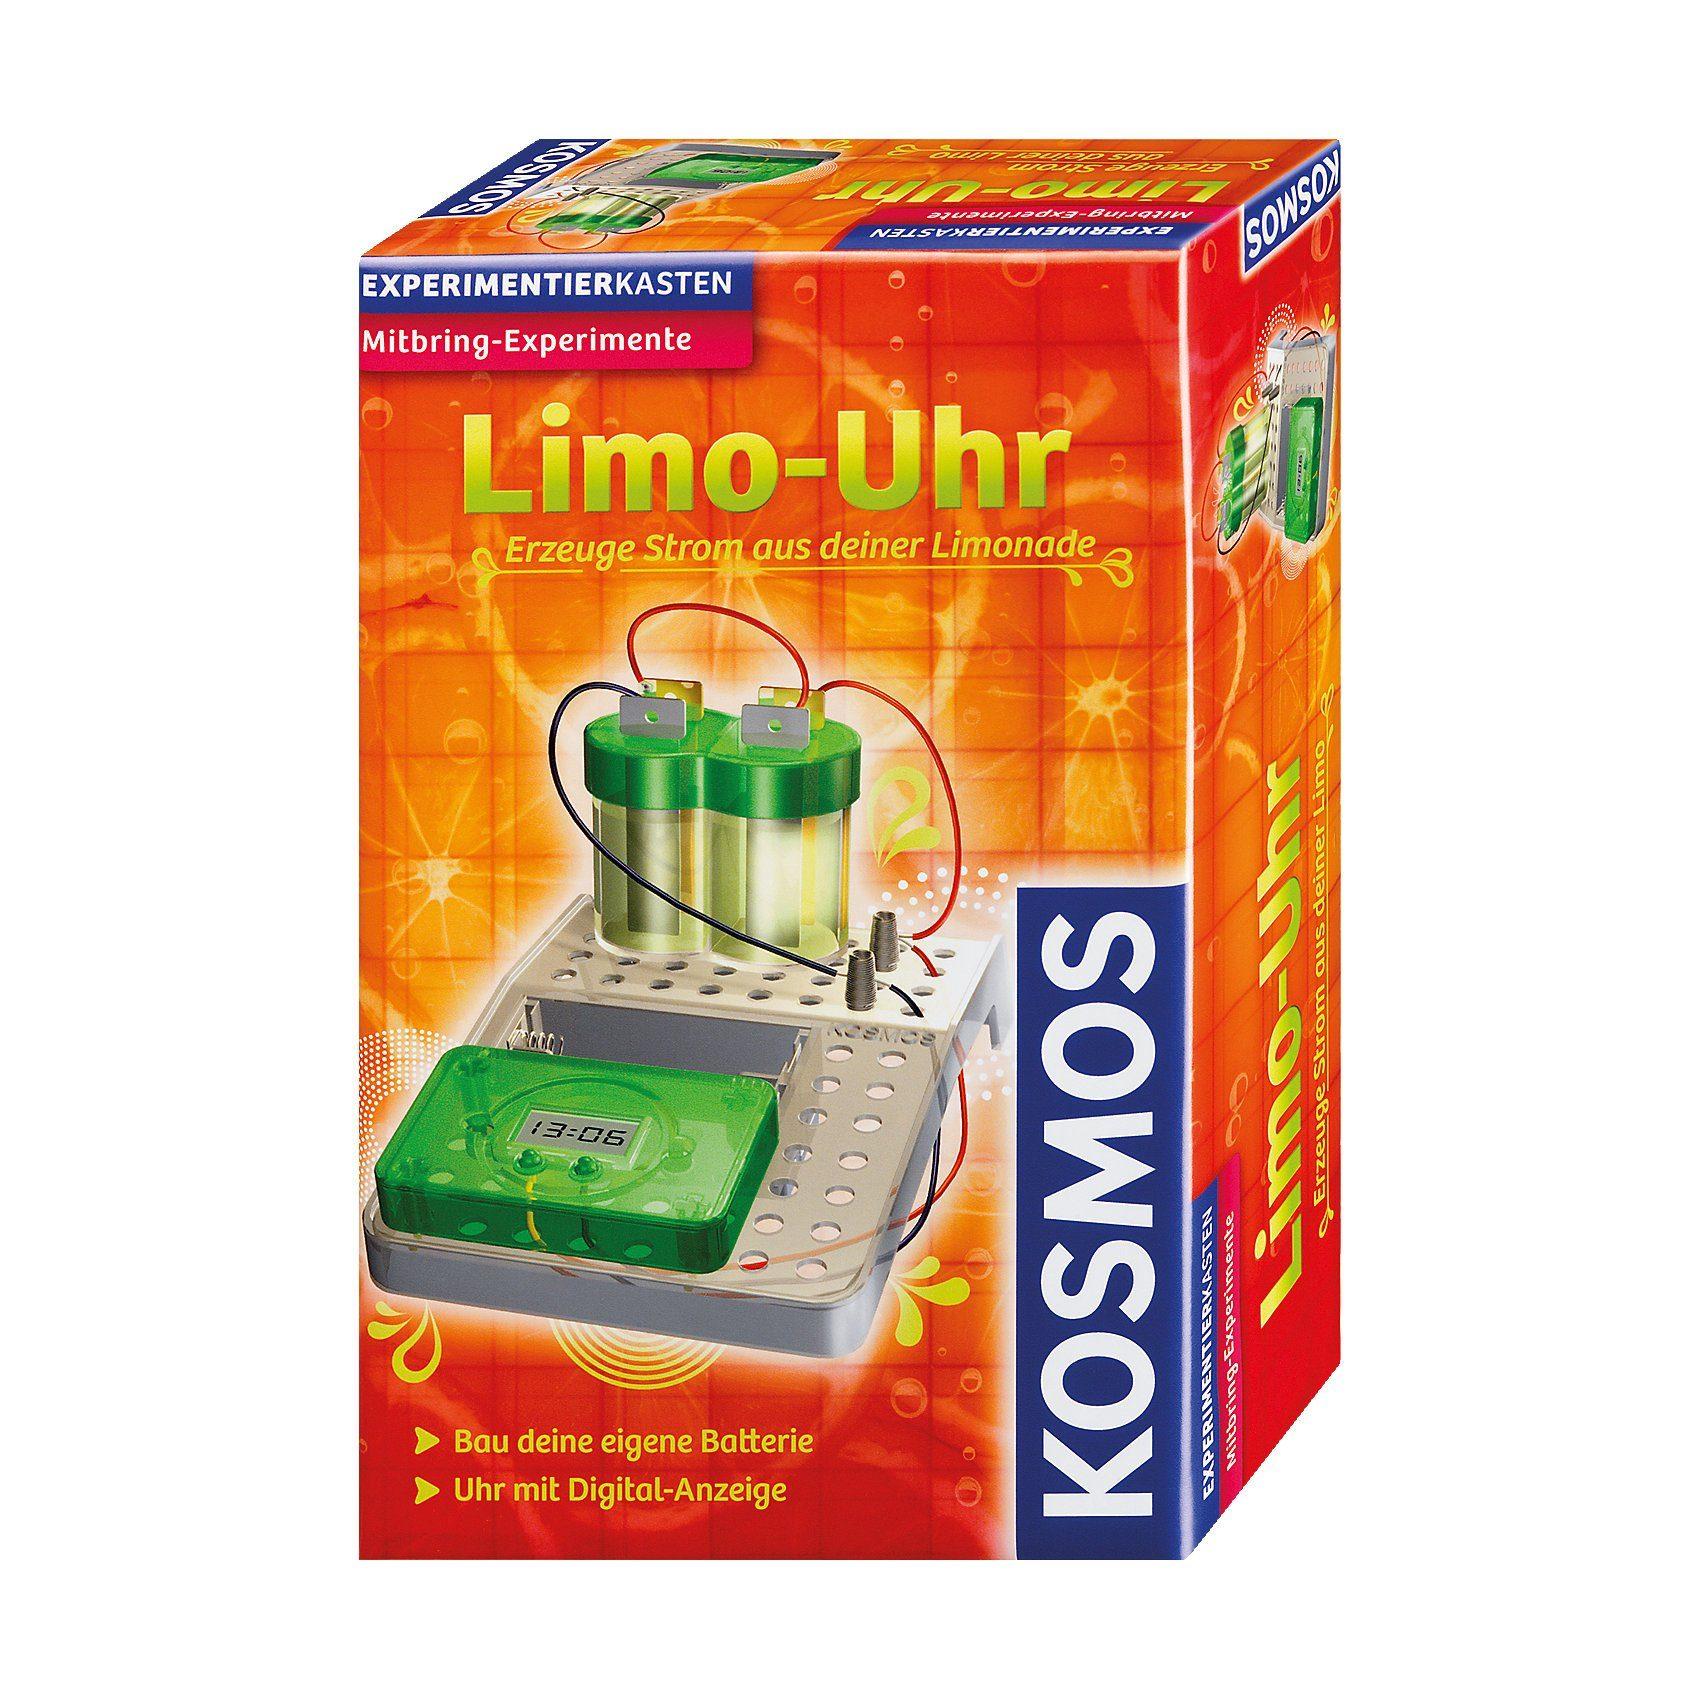 Kosmos Mitbringexperiment Limo-Uhr